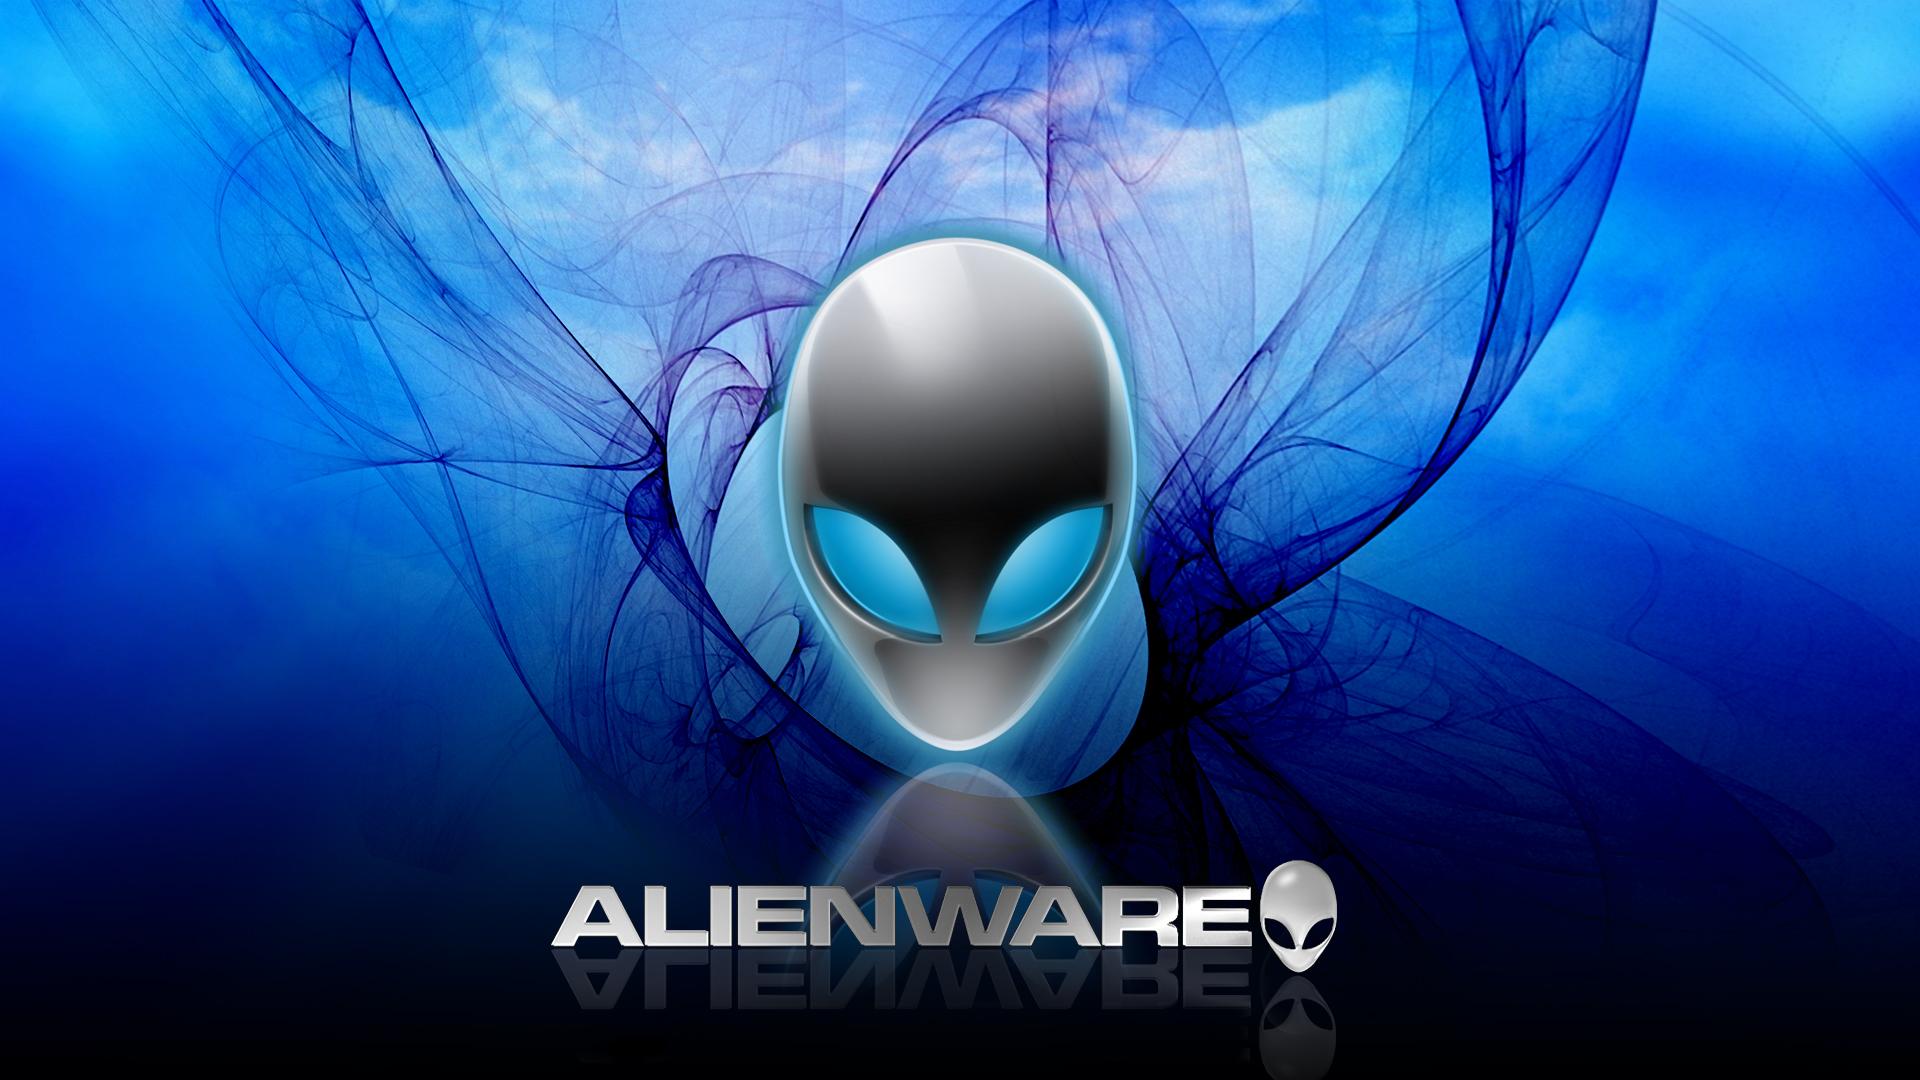 4k alienware wallpaper wallpapersafari